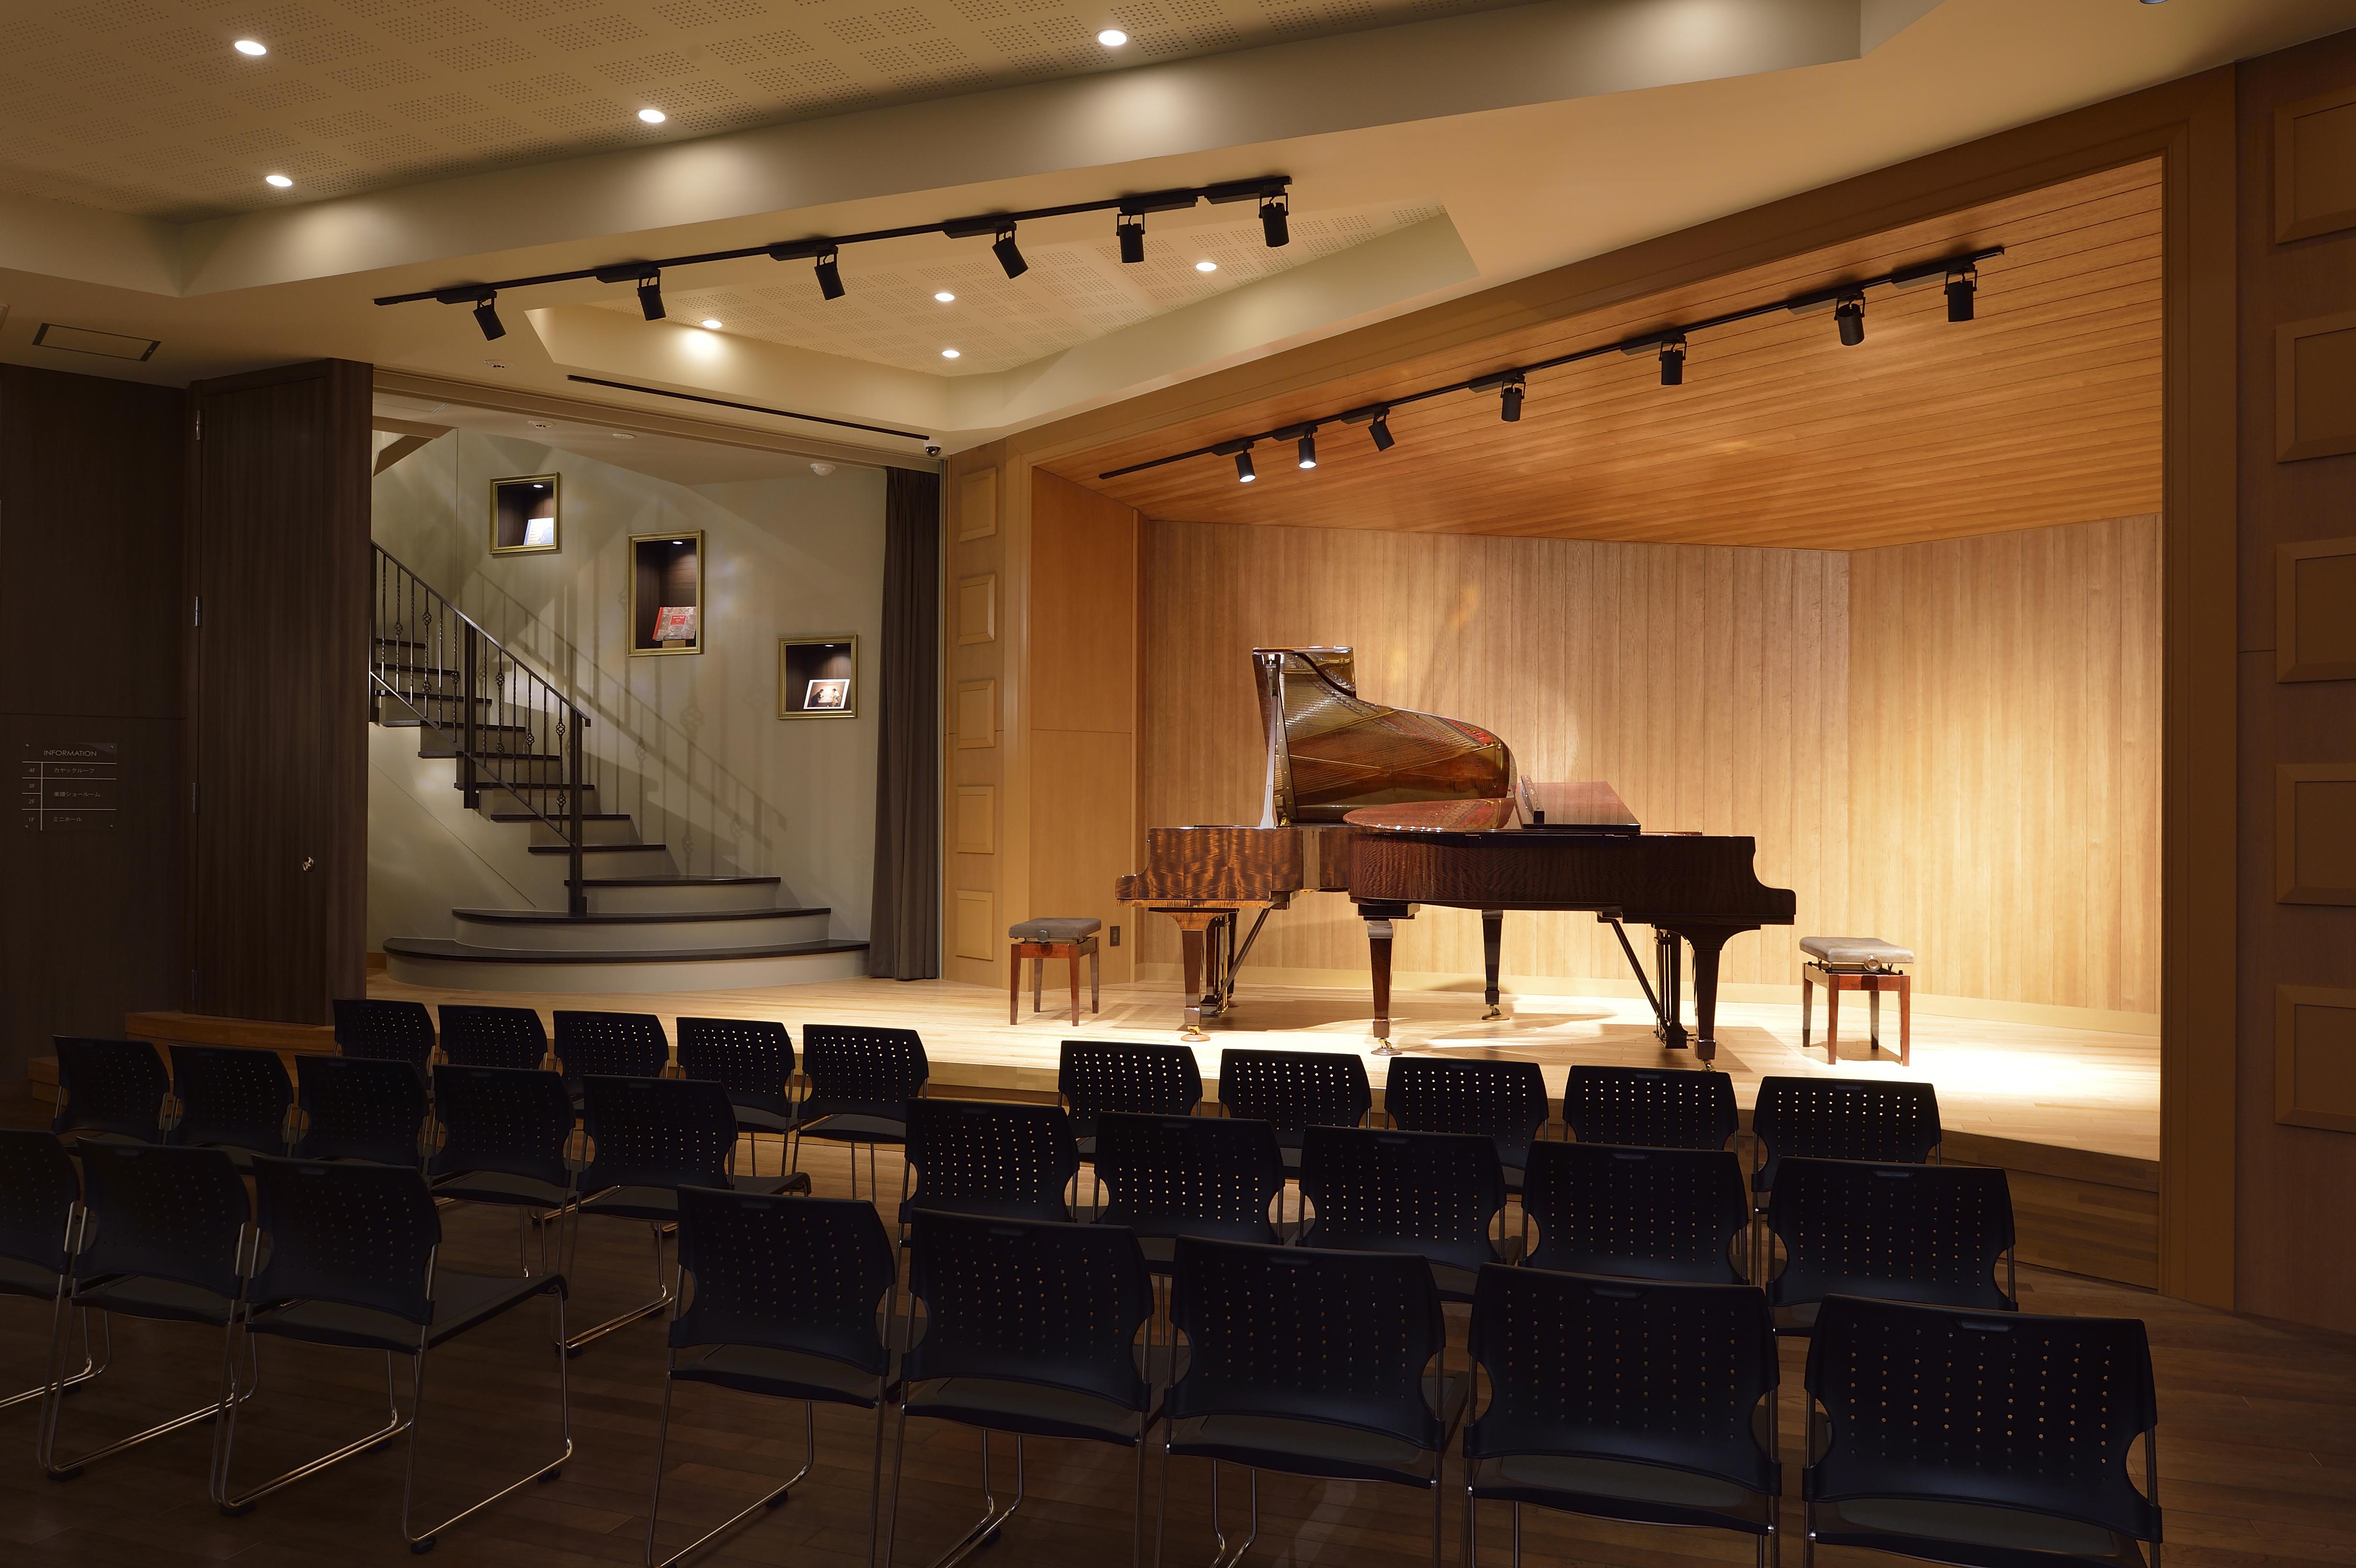 Kayacc Klavier レンタルサービス 1F ミニホール